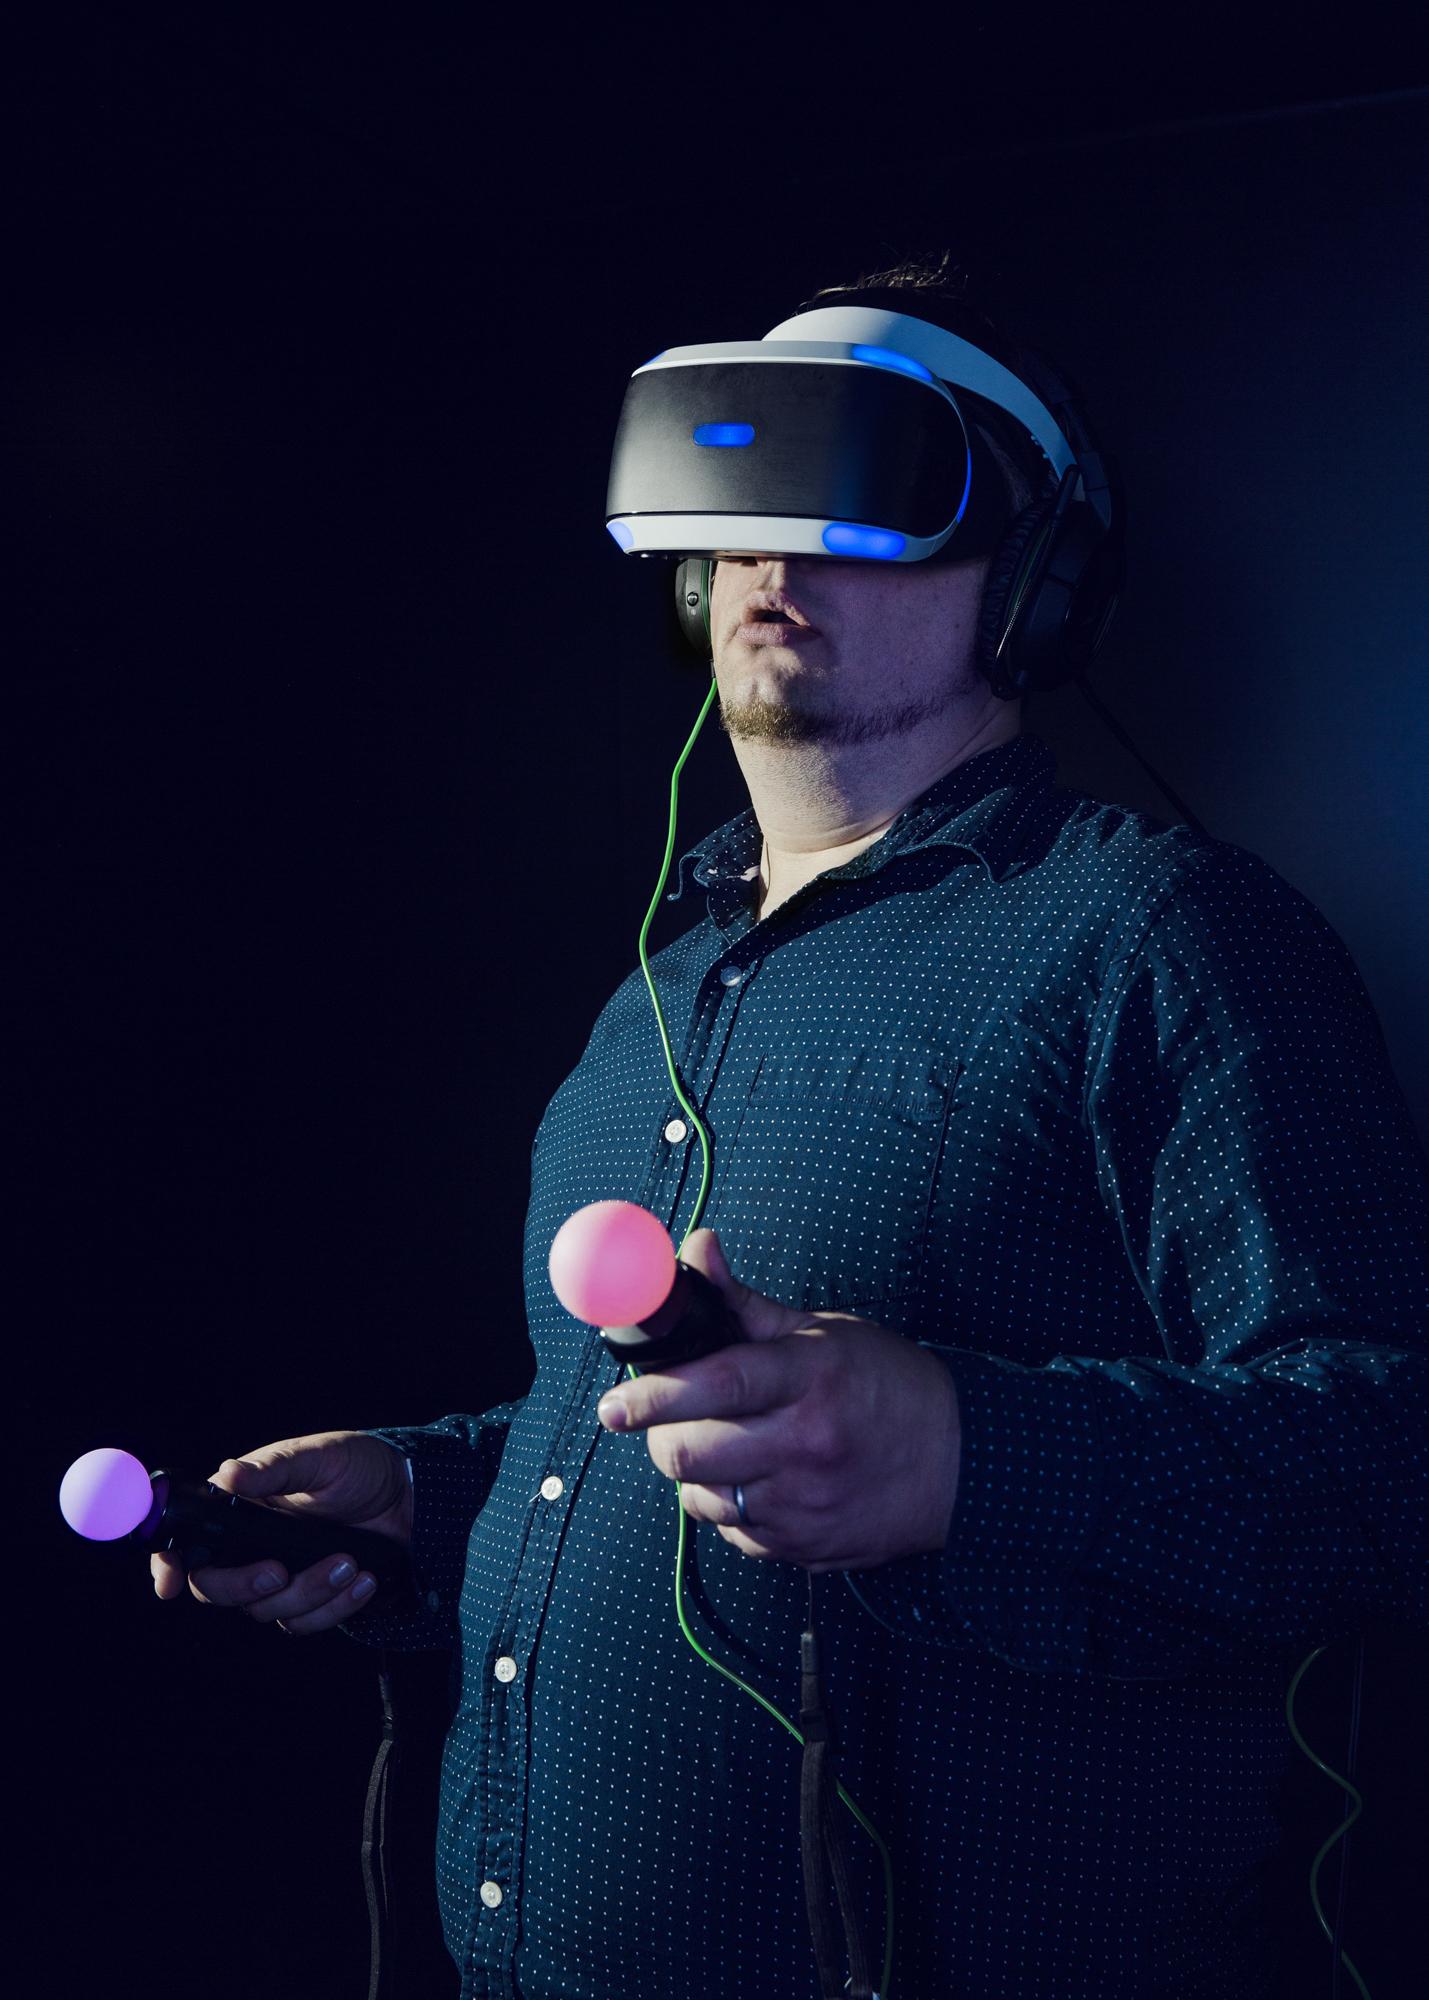 Wired_E3_2016_0353